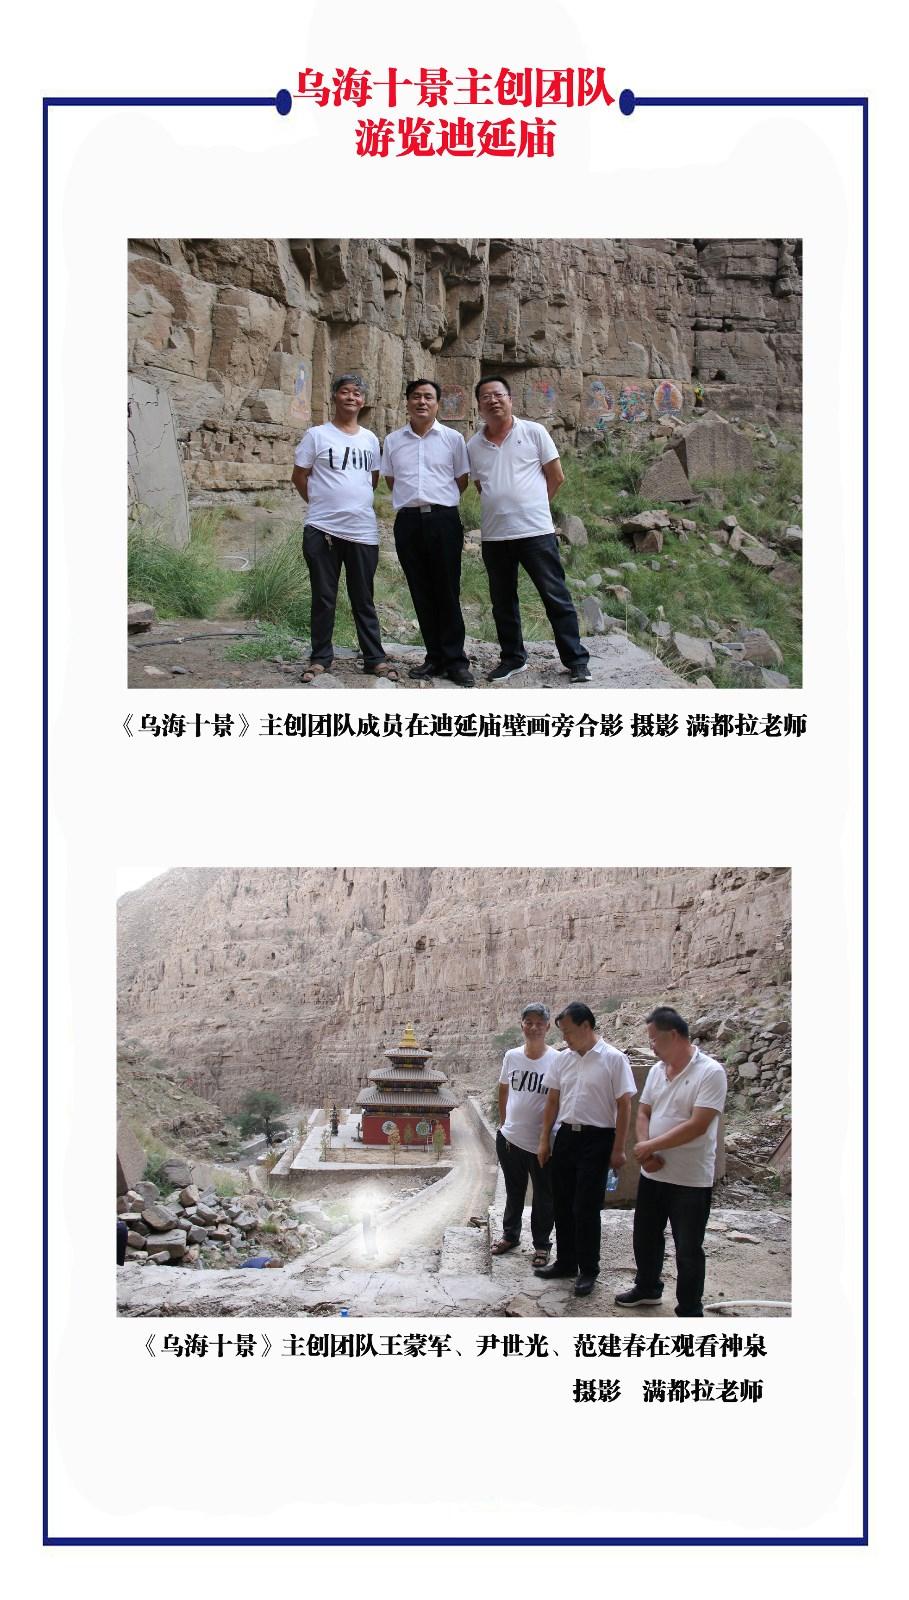 范建春《乌海十景》主创团队调研参观内蒙古鄂托克旗 迪延庙 ..._图1-2